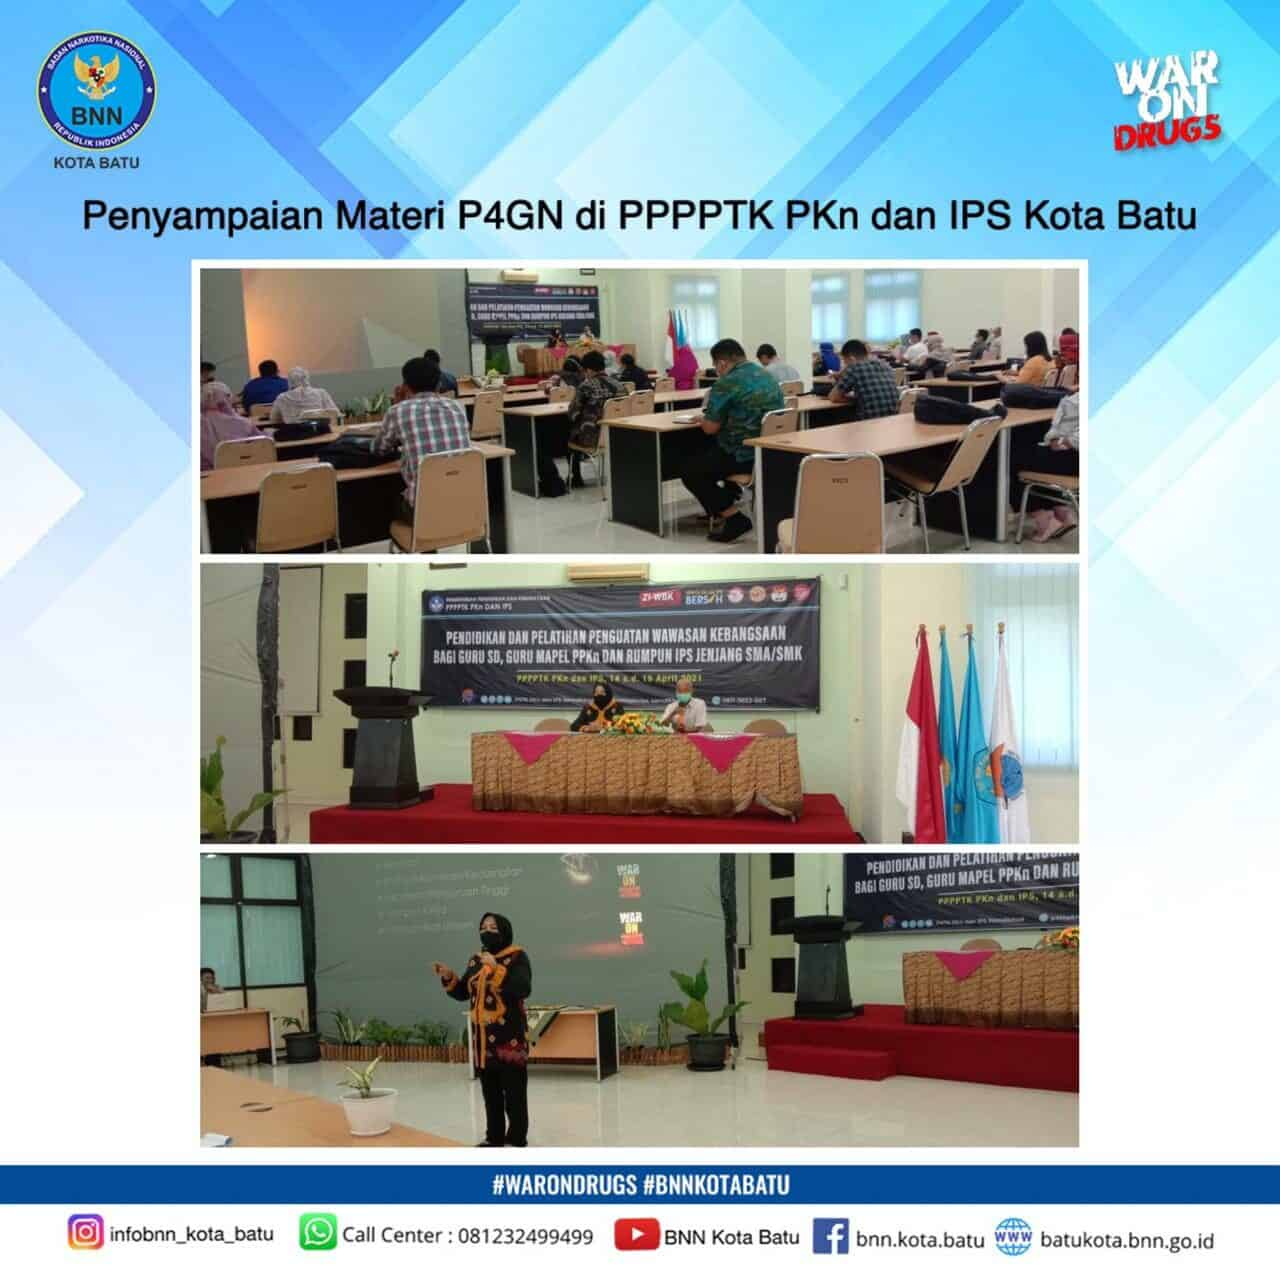 Penyampaian Materi P4GN di PPPPTK PKn dan IPS Kota Batu